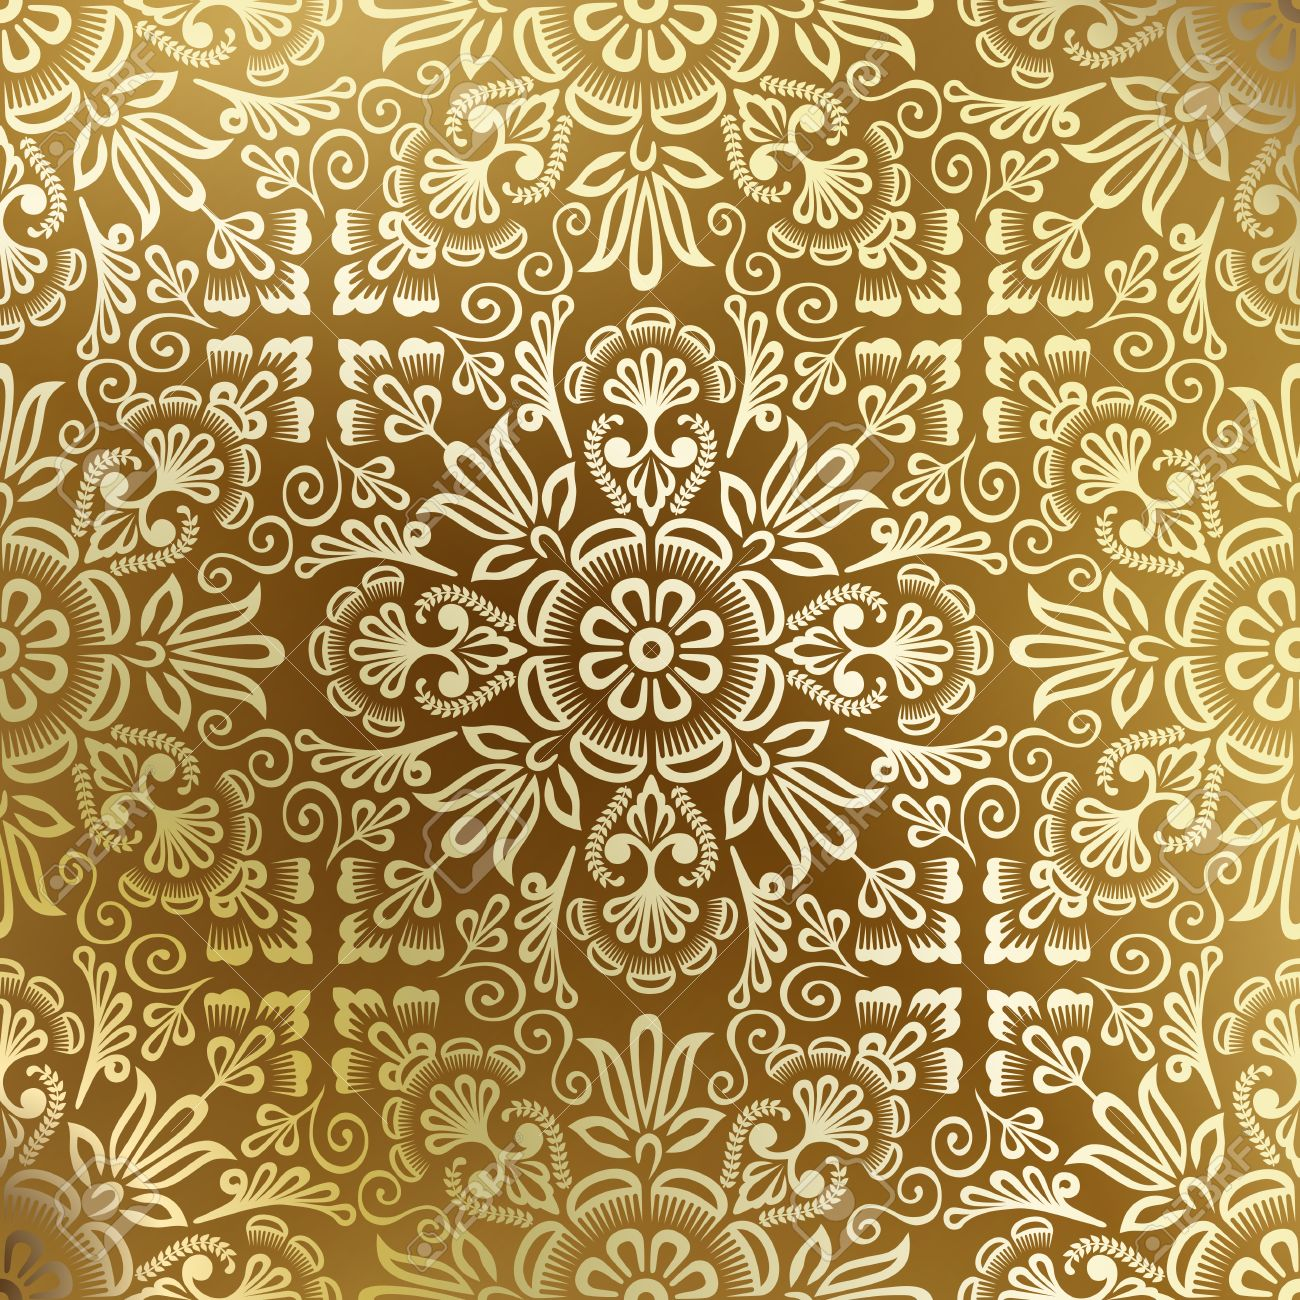 Seamless golden damask wallpaper - 14580827